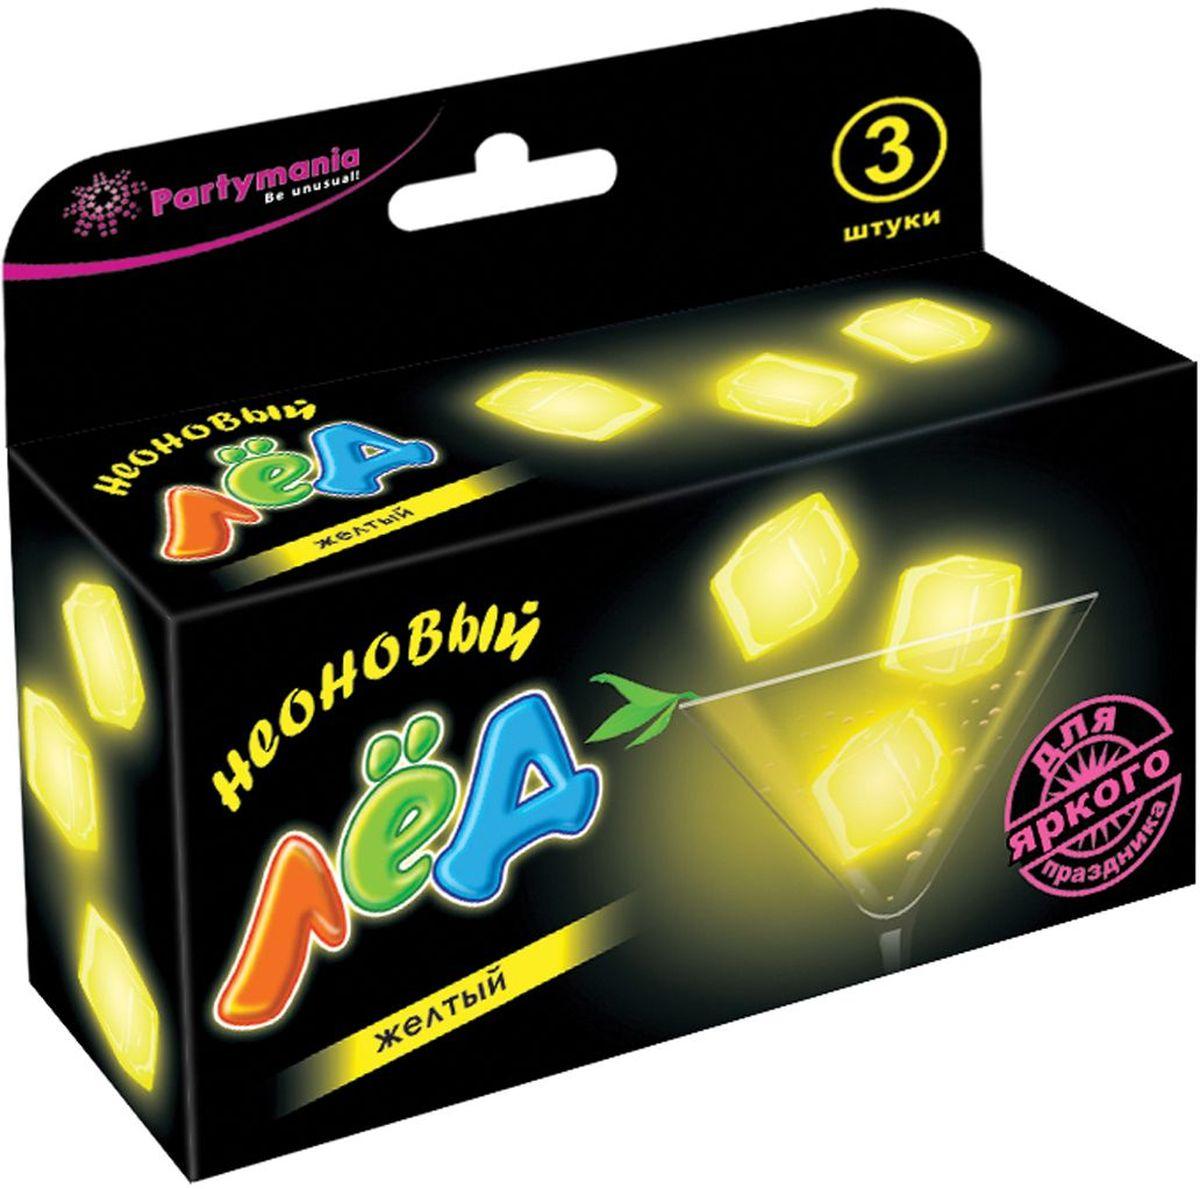 Partymania Изделие для праздников Неоновый лед T0111 цвет желтыйT0111_желтыйИспользуется для украшения напитков. Придает оригинальный вид любому бокалу, стакану с помощью эффекта интенсивного неонового свечения. Изделие светится в течение 5-6 часов. Для достижения наилучшего цветового эффекта рекомендуется использовать изделие в темноте или при слабом освещении.